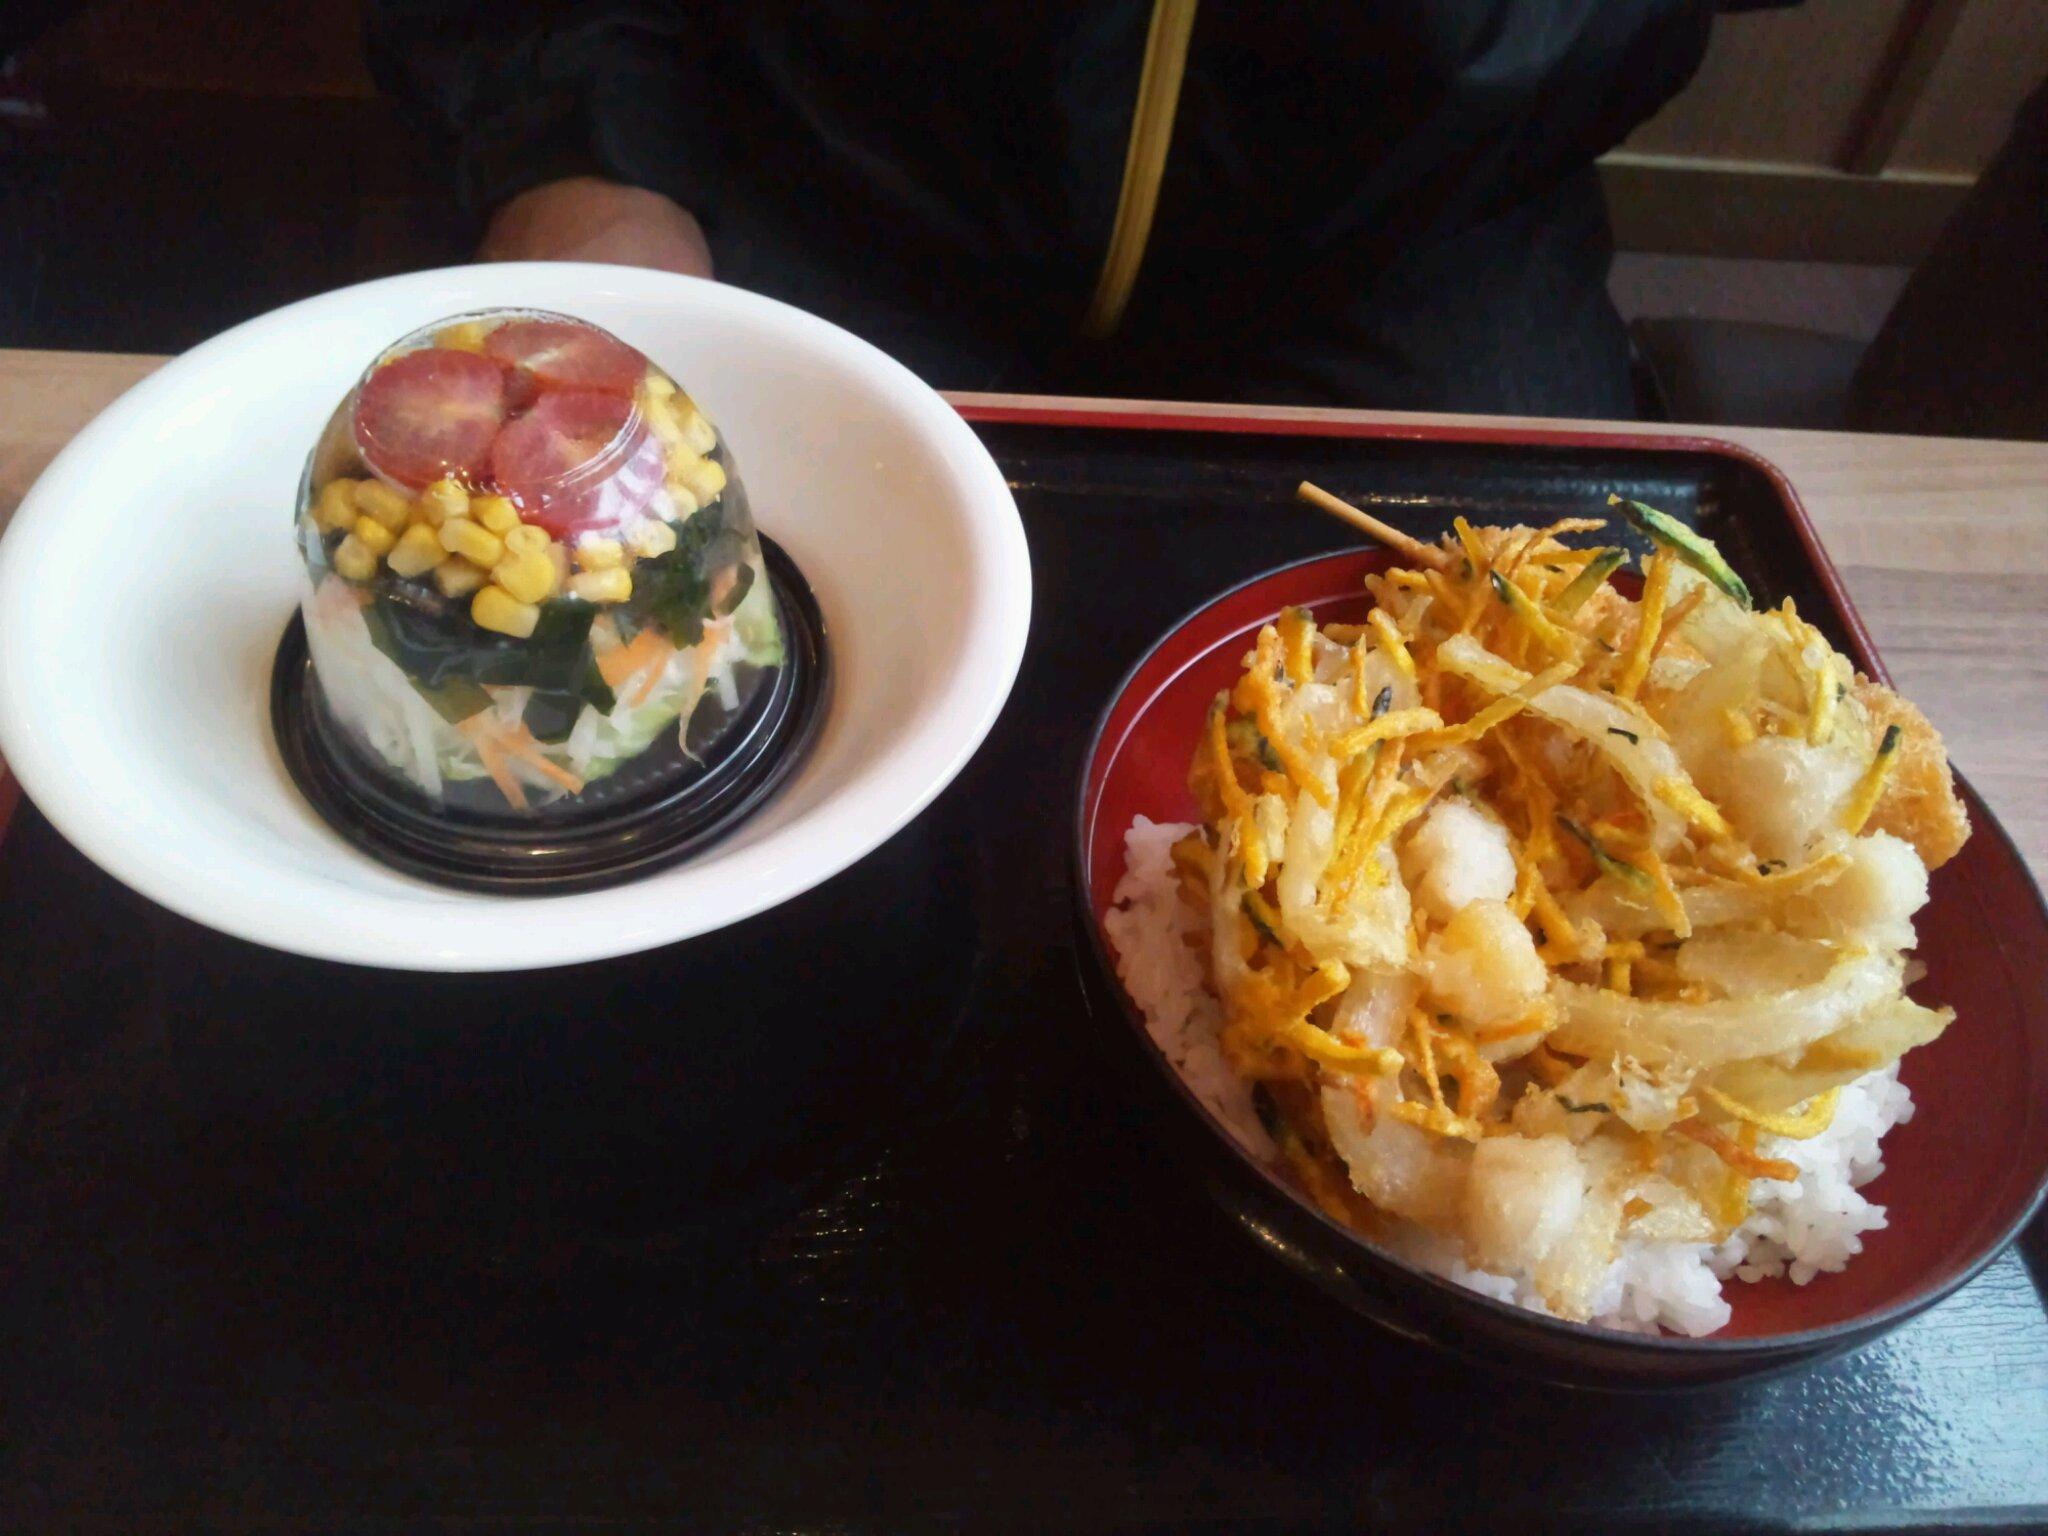 イワサキ高松店近隣ランチ情報 : さぬき麺市場 高松伏石店_b0163075_8281838.jpg